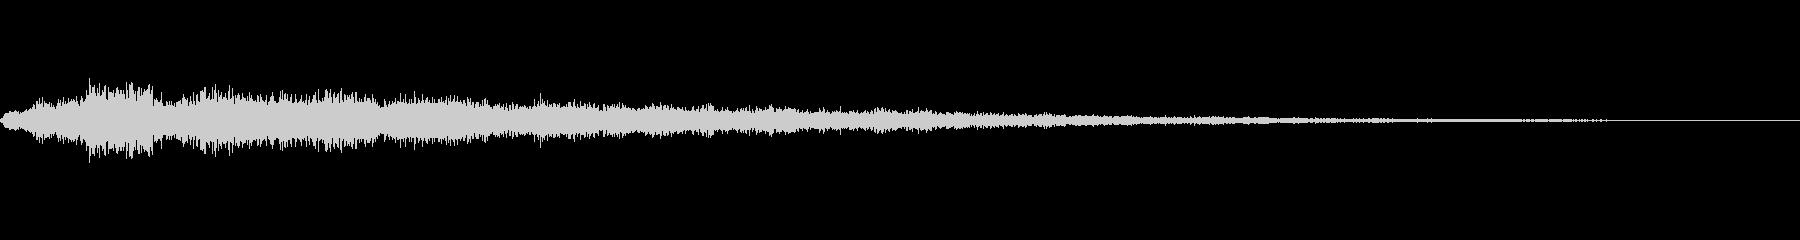 クリック音63サウンドロゴ ストリングスの未再生の波形